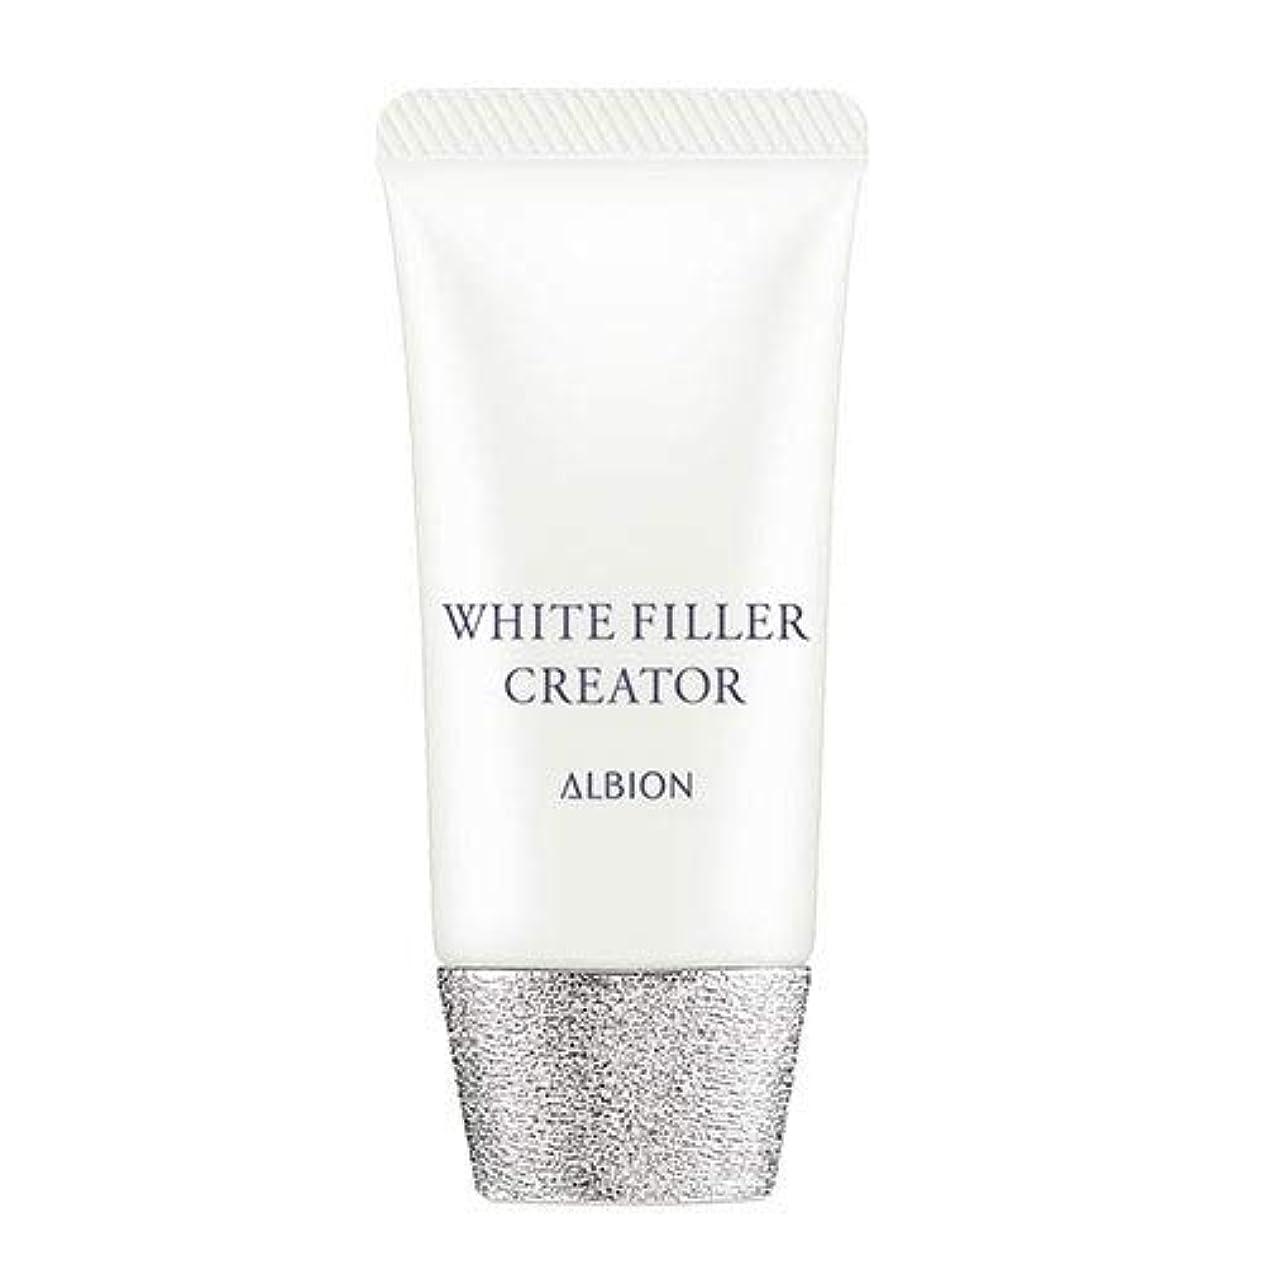 ブルームストレスの多いオンスアルビオン ホワイトフィラー クリエイター SPF35?PA+++ 30g -ALBION-